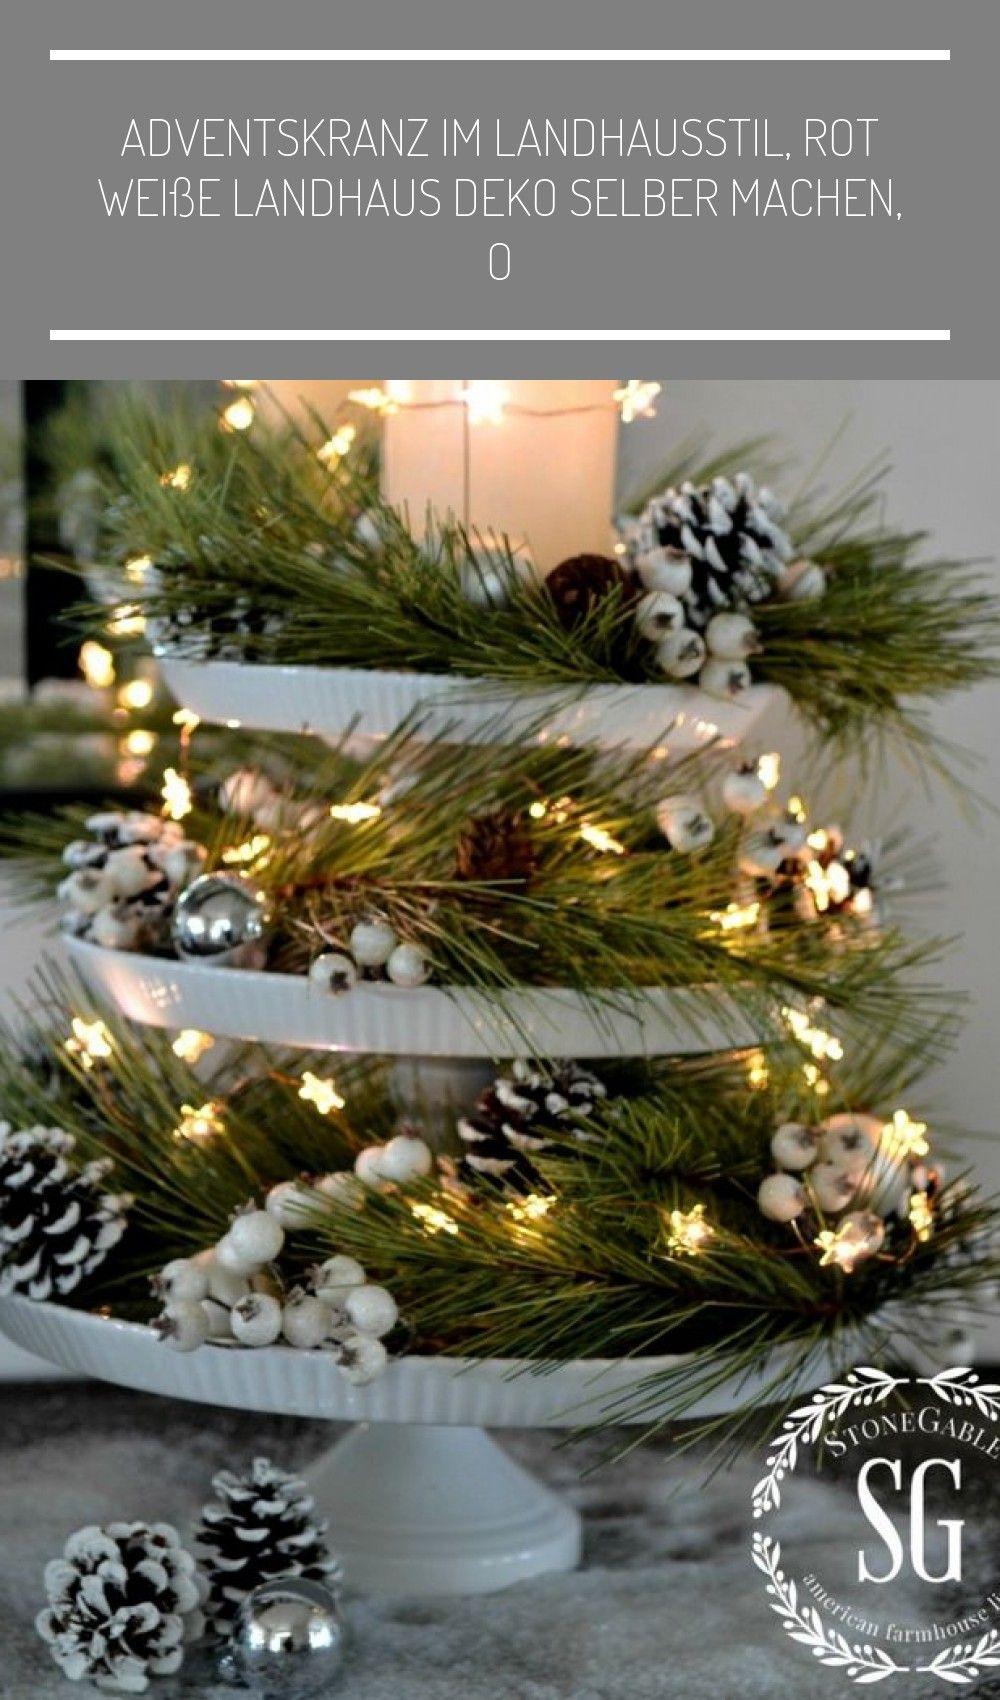 #rustikale weihnachten tischdeko #rustikaleweihnachtentischdeko